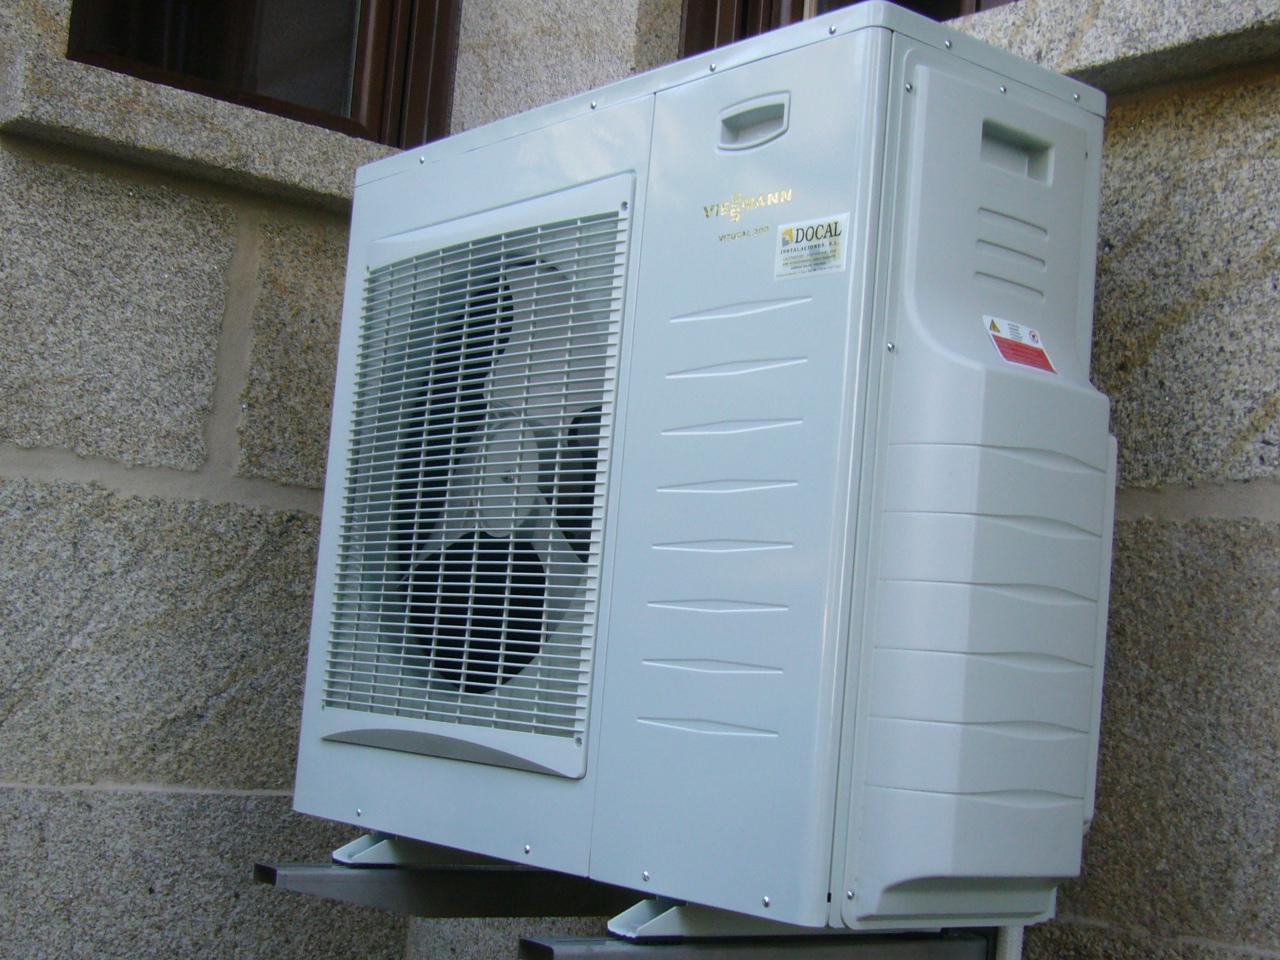 Docal instalaciones portfolio categories aerotermia - Bomba de calor de alta eficiencia energetica para calefaccion ...